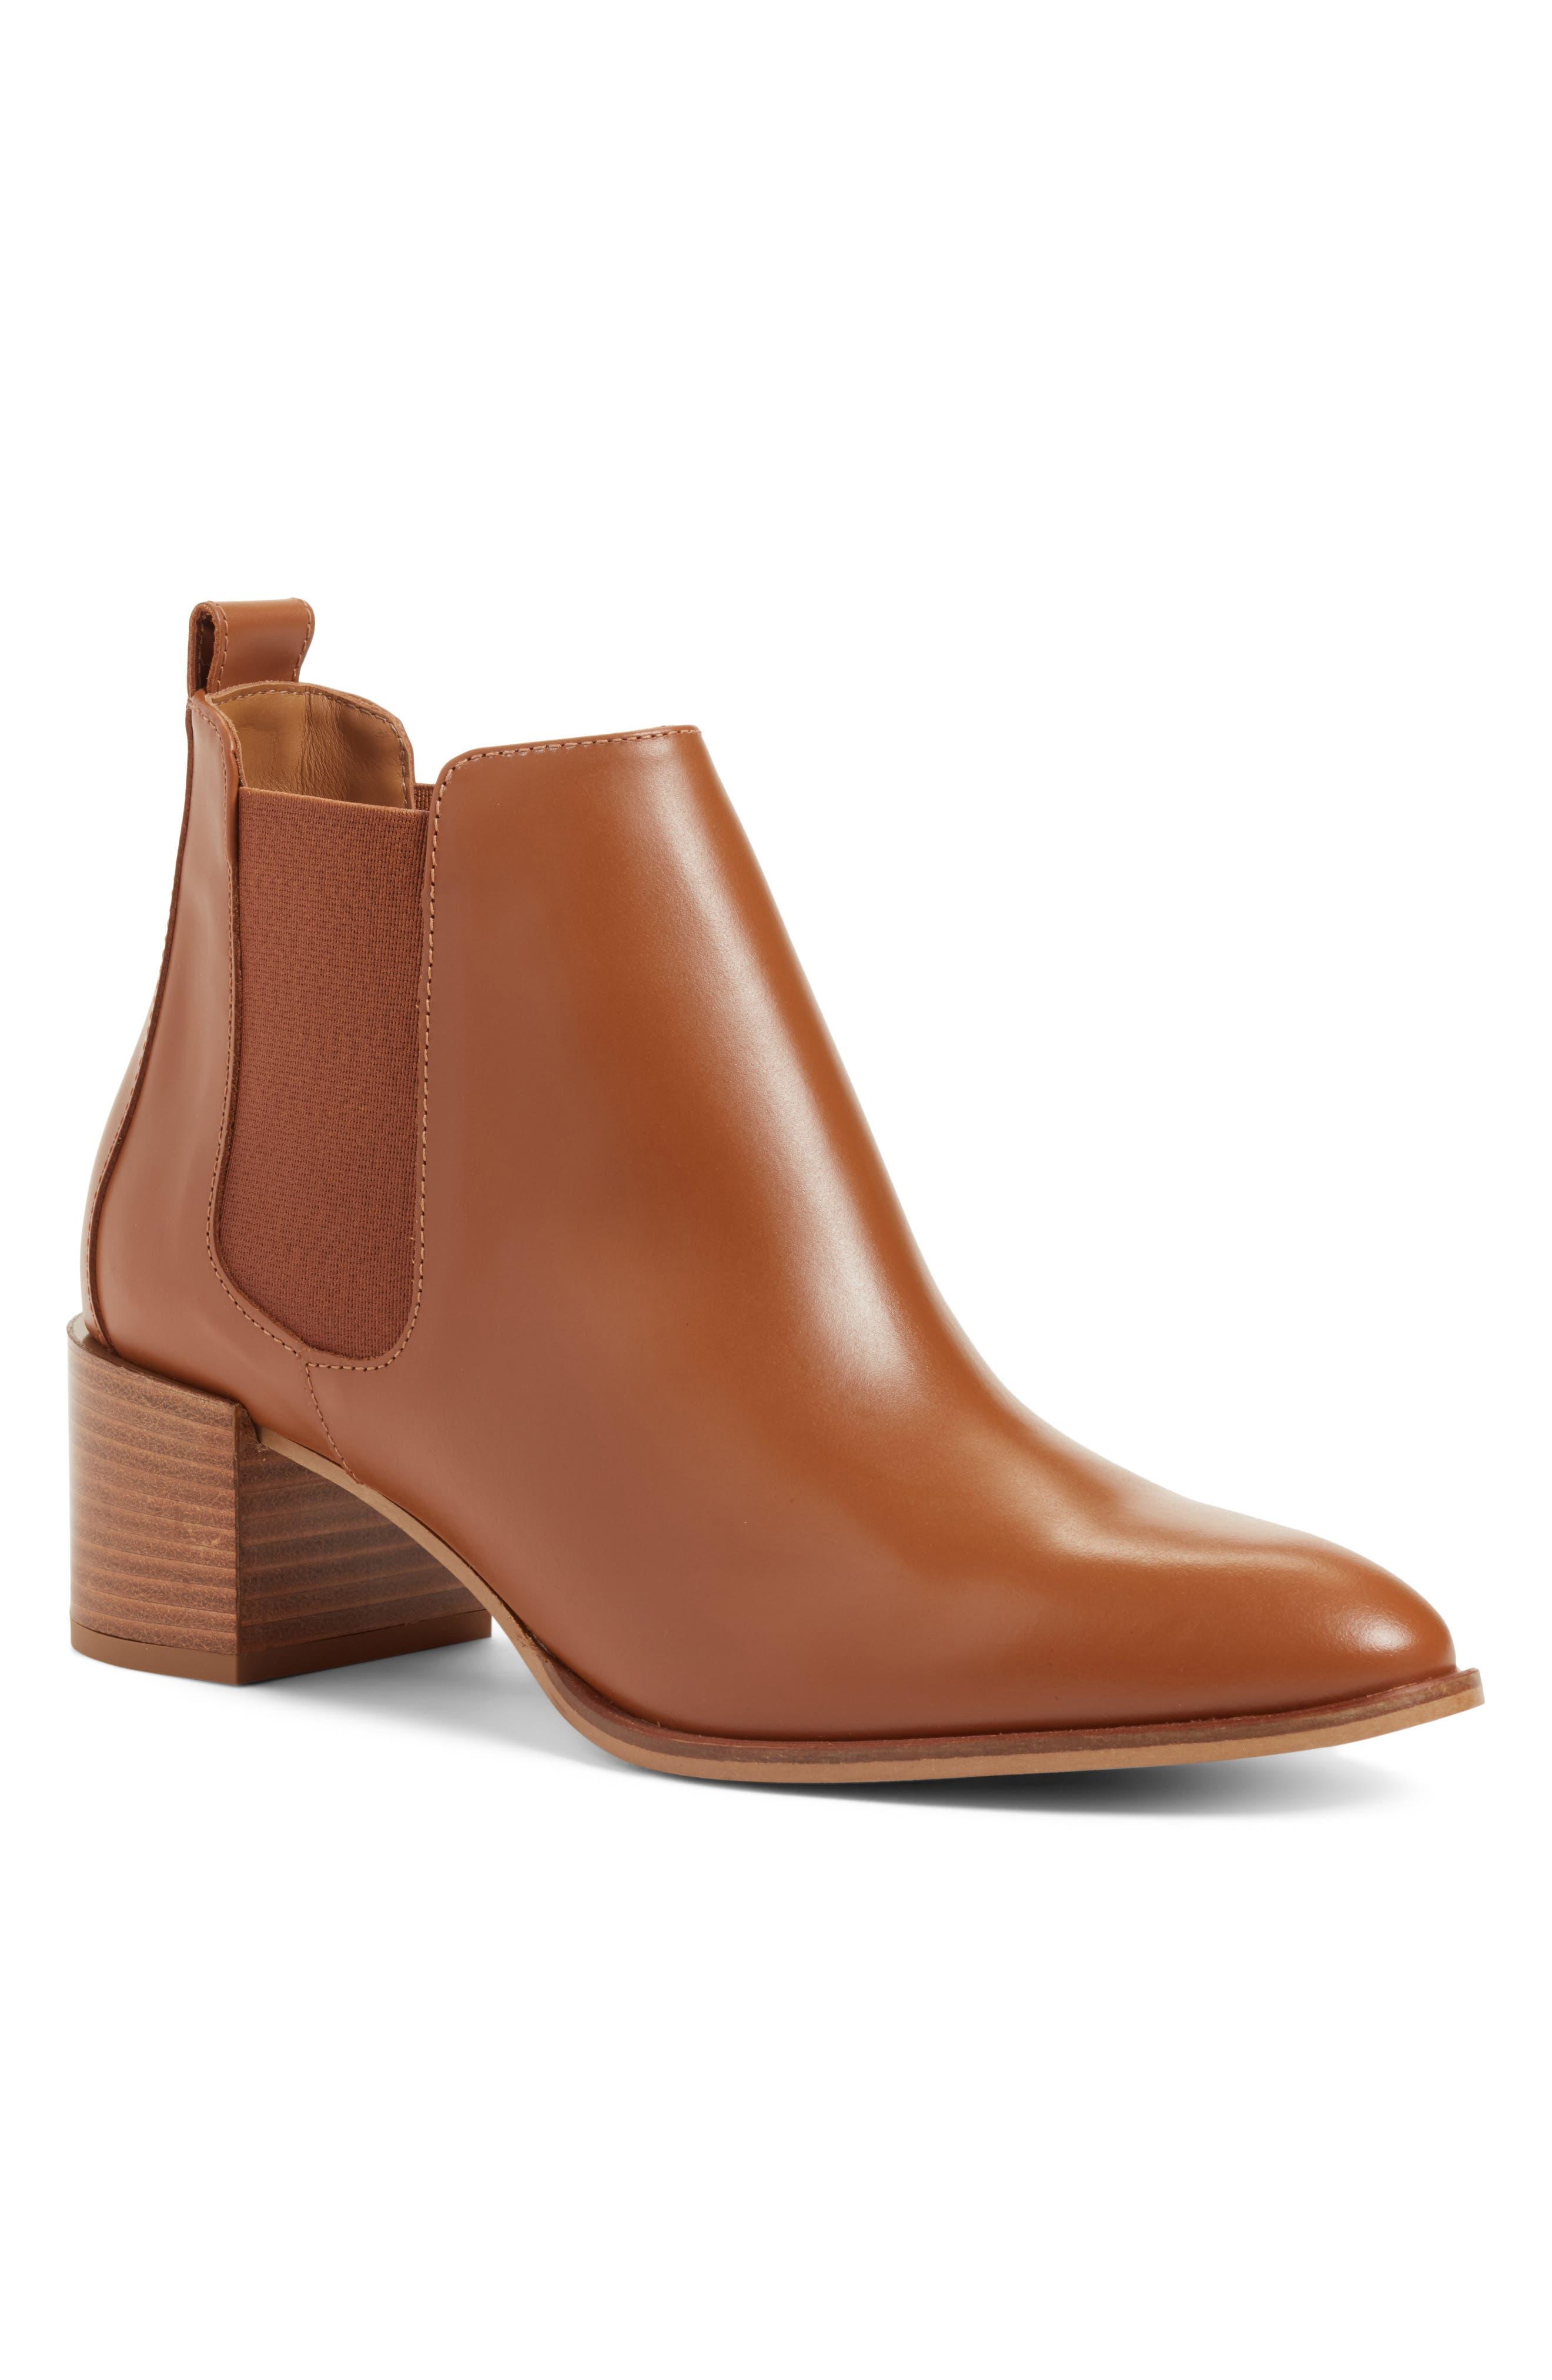 Main Image - Everlane The Heel Boot (Women)